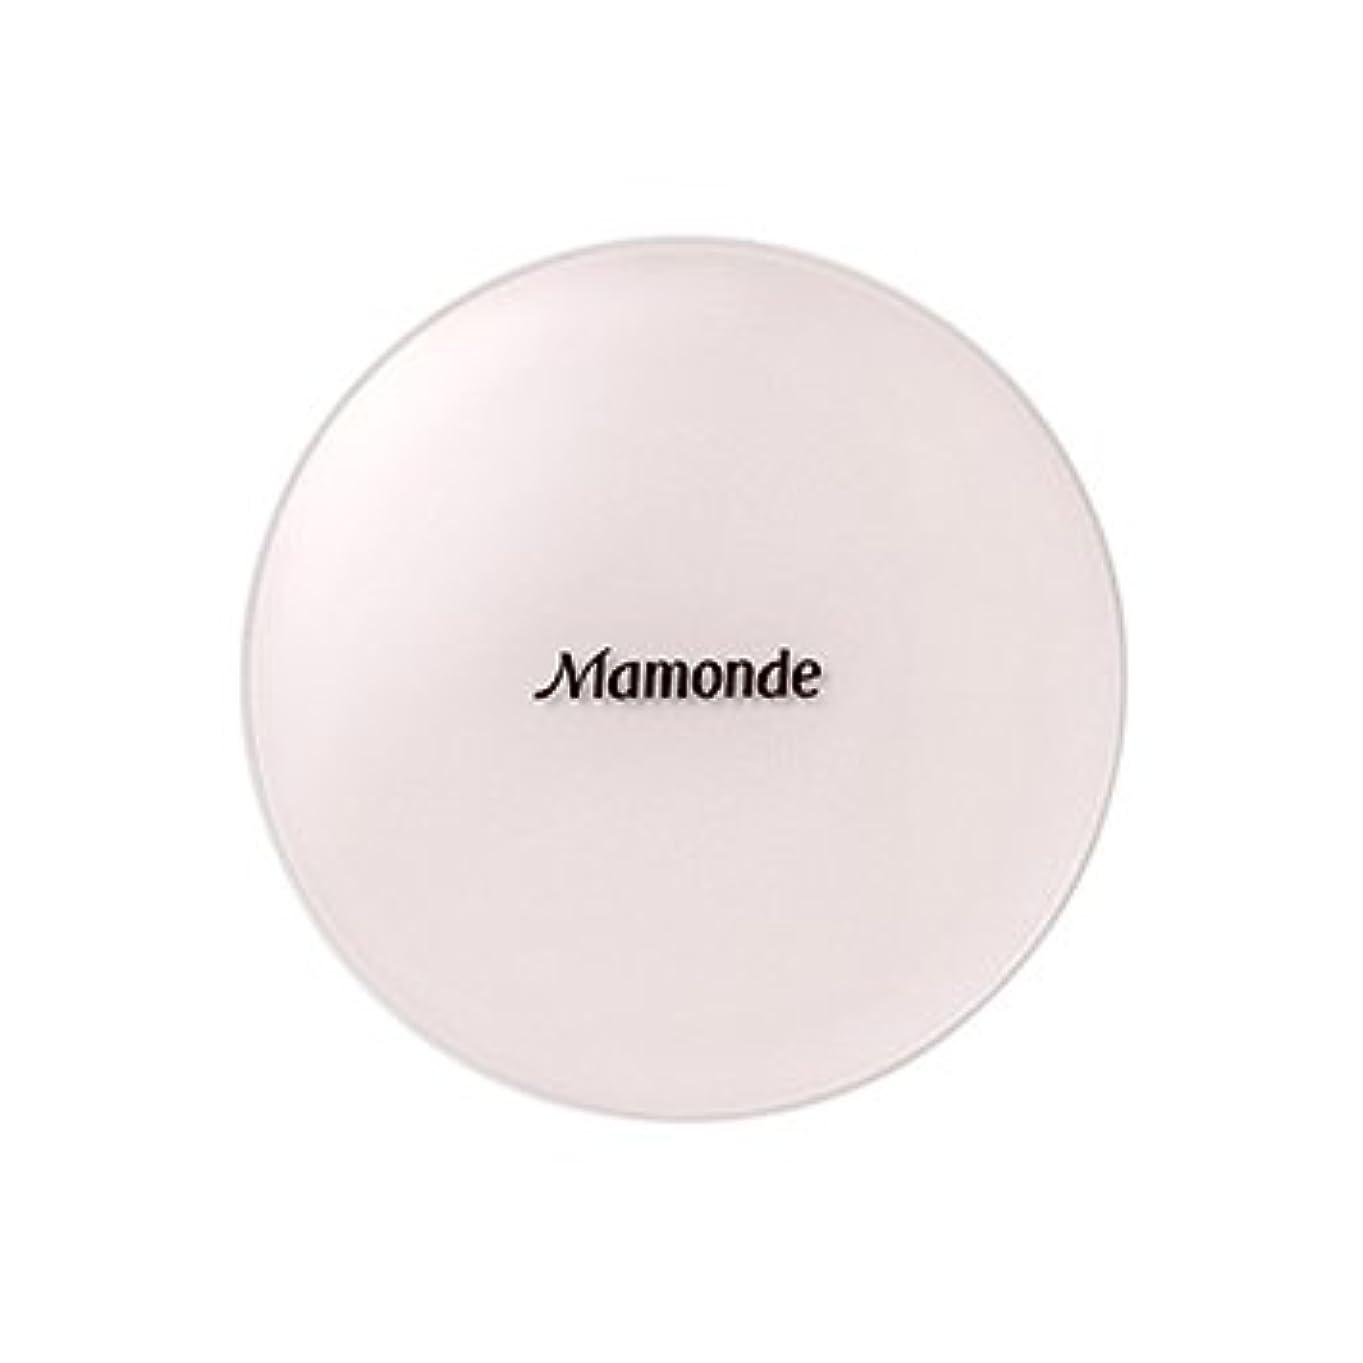 モジュールお手入れ落ち着く[New] Mamonde Brightening Cover Ampoule Cushion 15g/マモンド ブライトニング カバー アンプル クッション 15g (#21C Medium Peach) [並行輸入品]